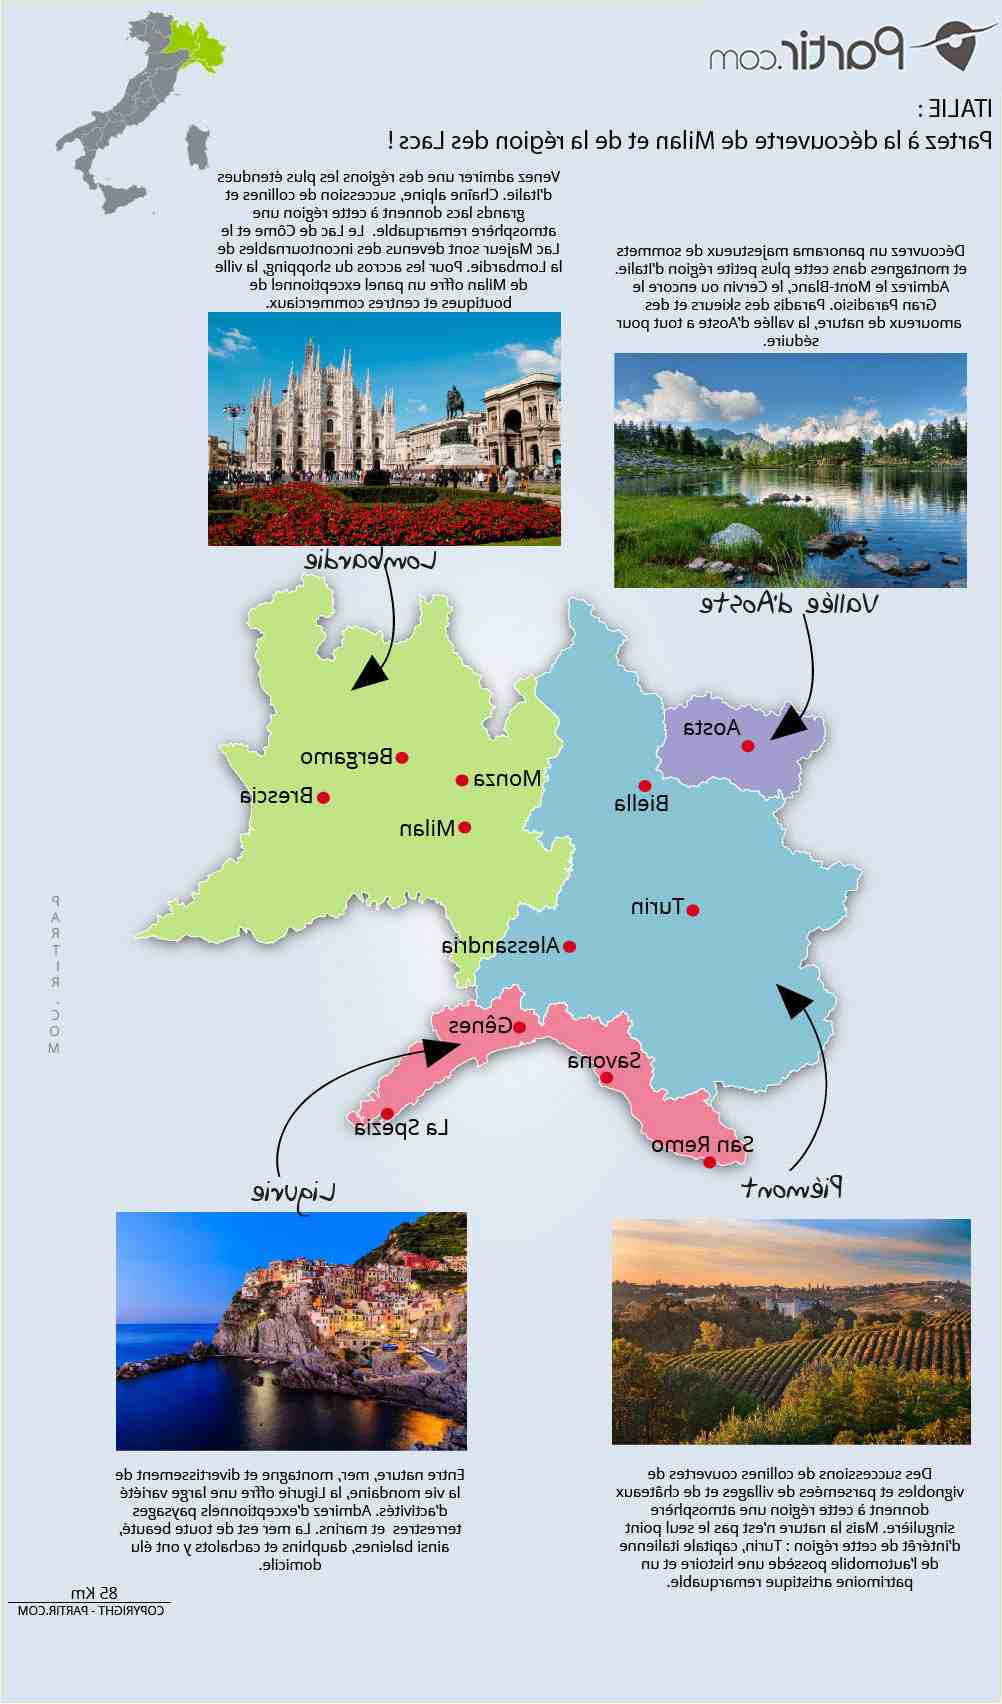 Quels sont les plus beaux lacs italiens?